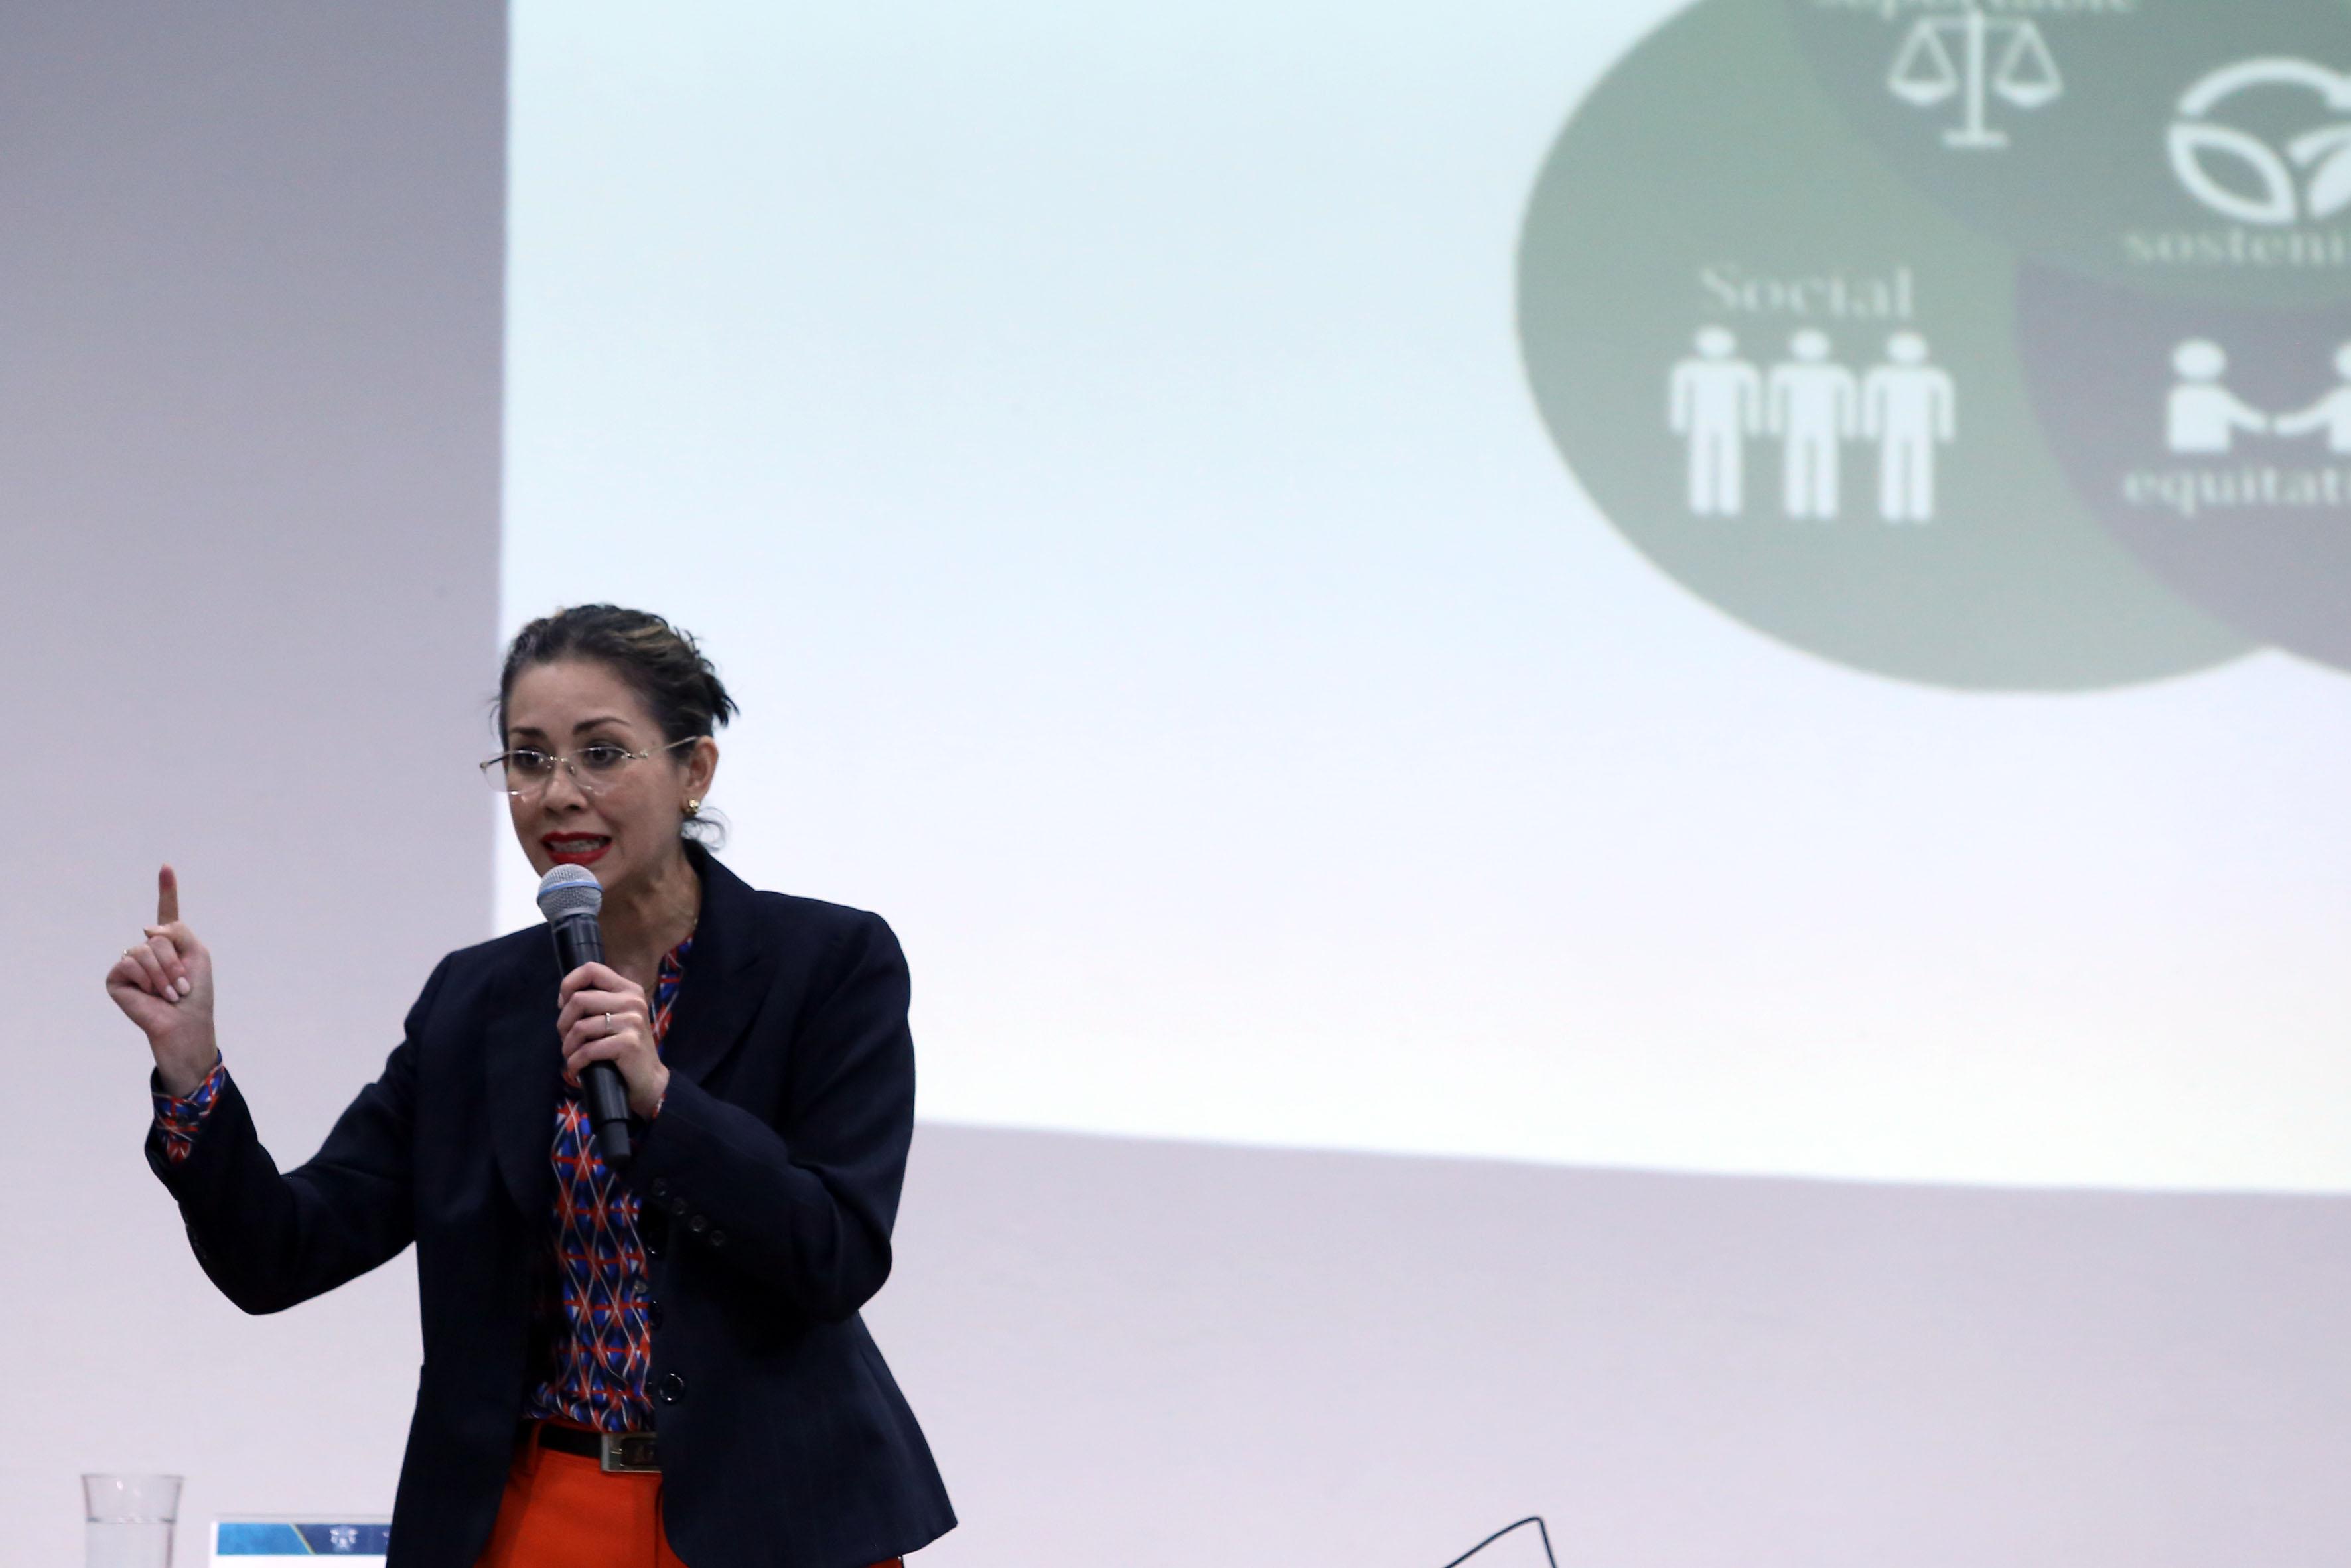 Doctora Carla D. Aceves Ávila, encargada del Programa Universidad Sustentable, exponiendo el trabajo que se realiza en la UdeG con miras a lograr la sustentabilidad.